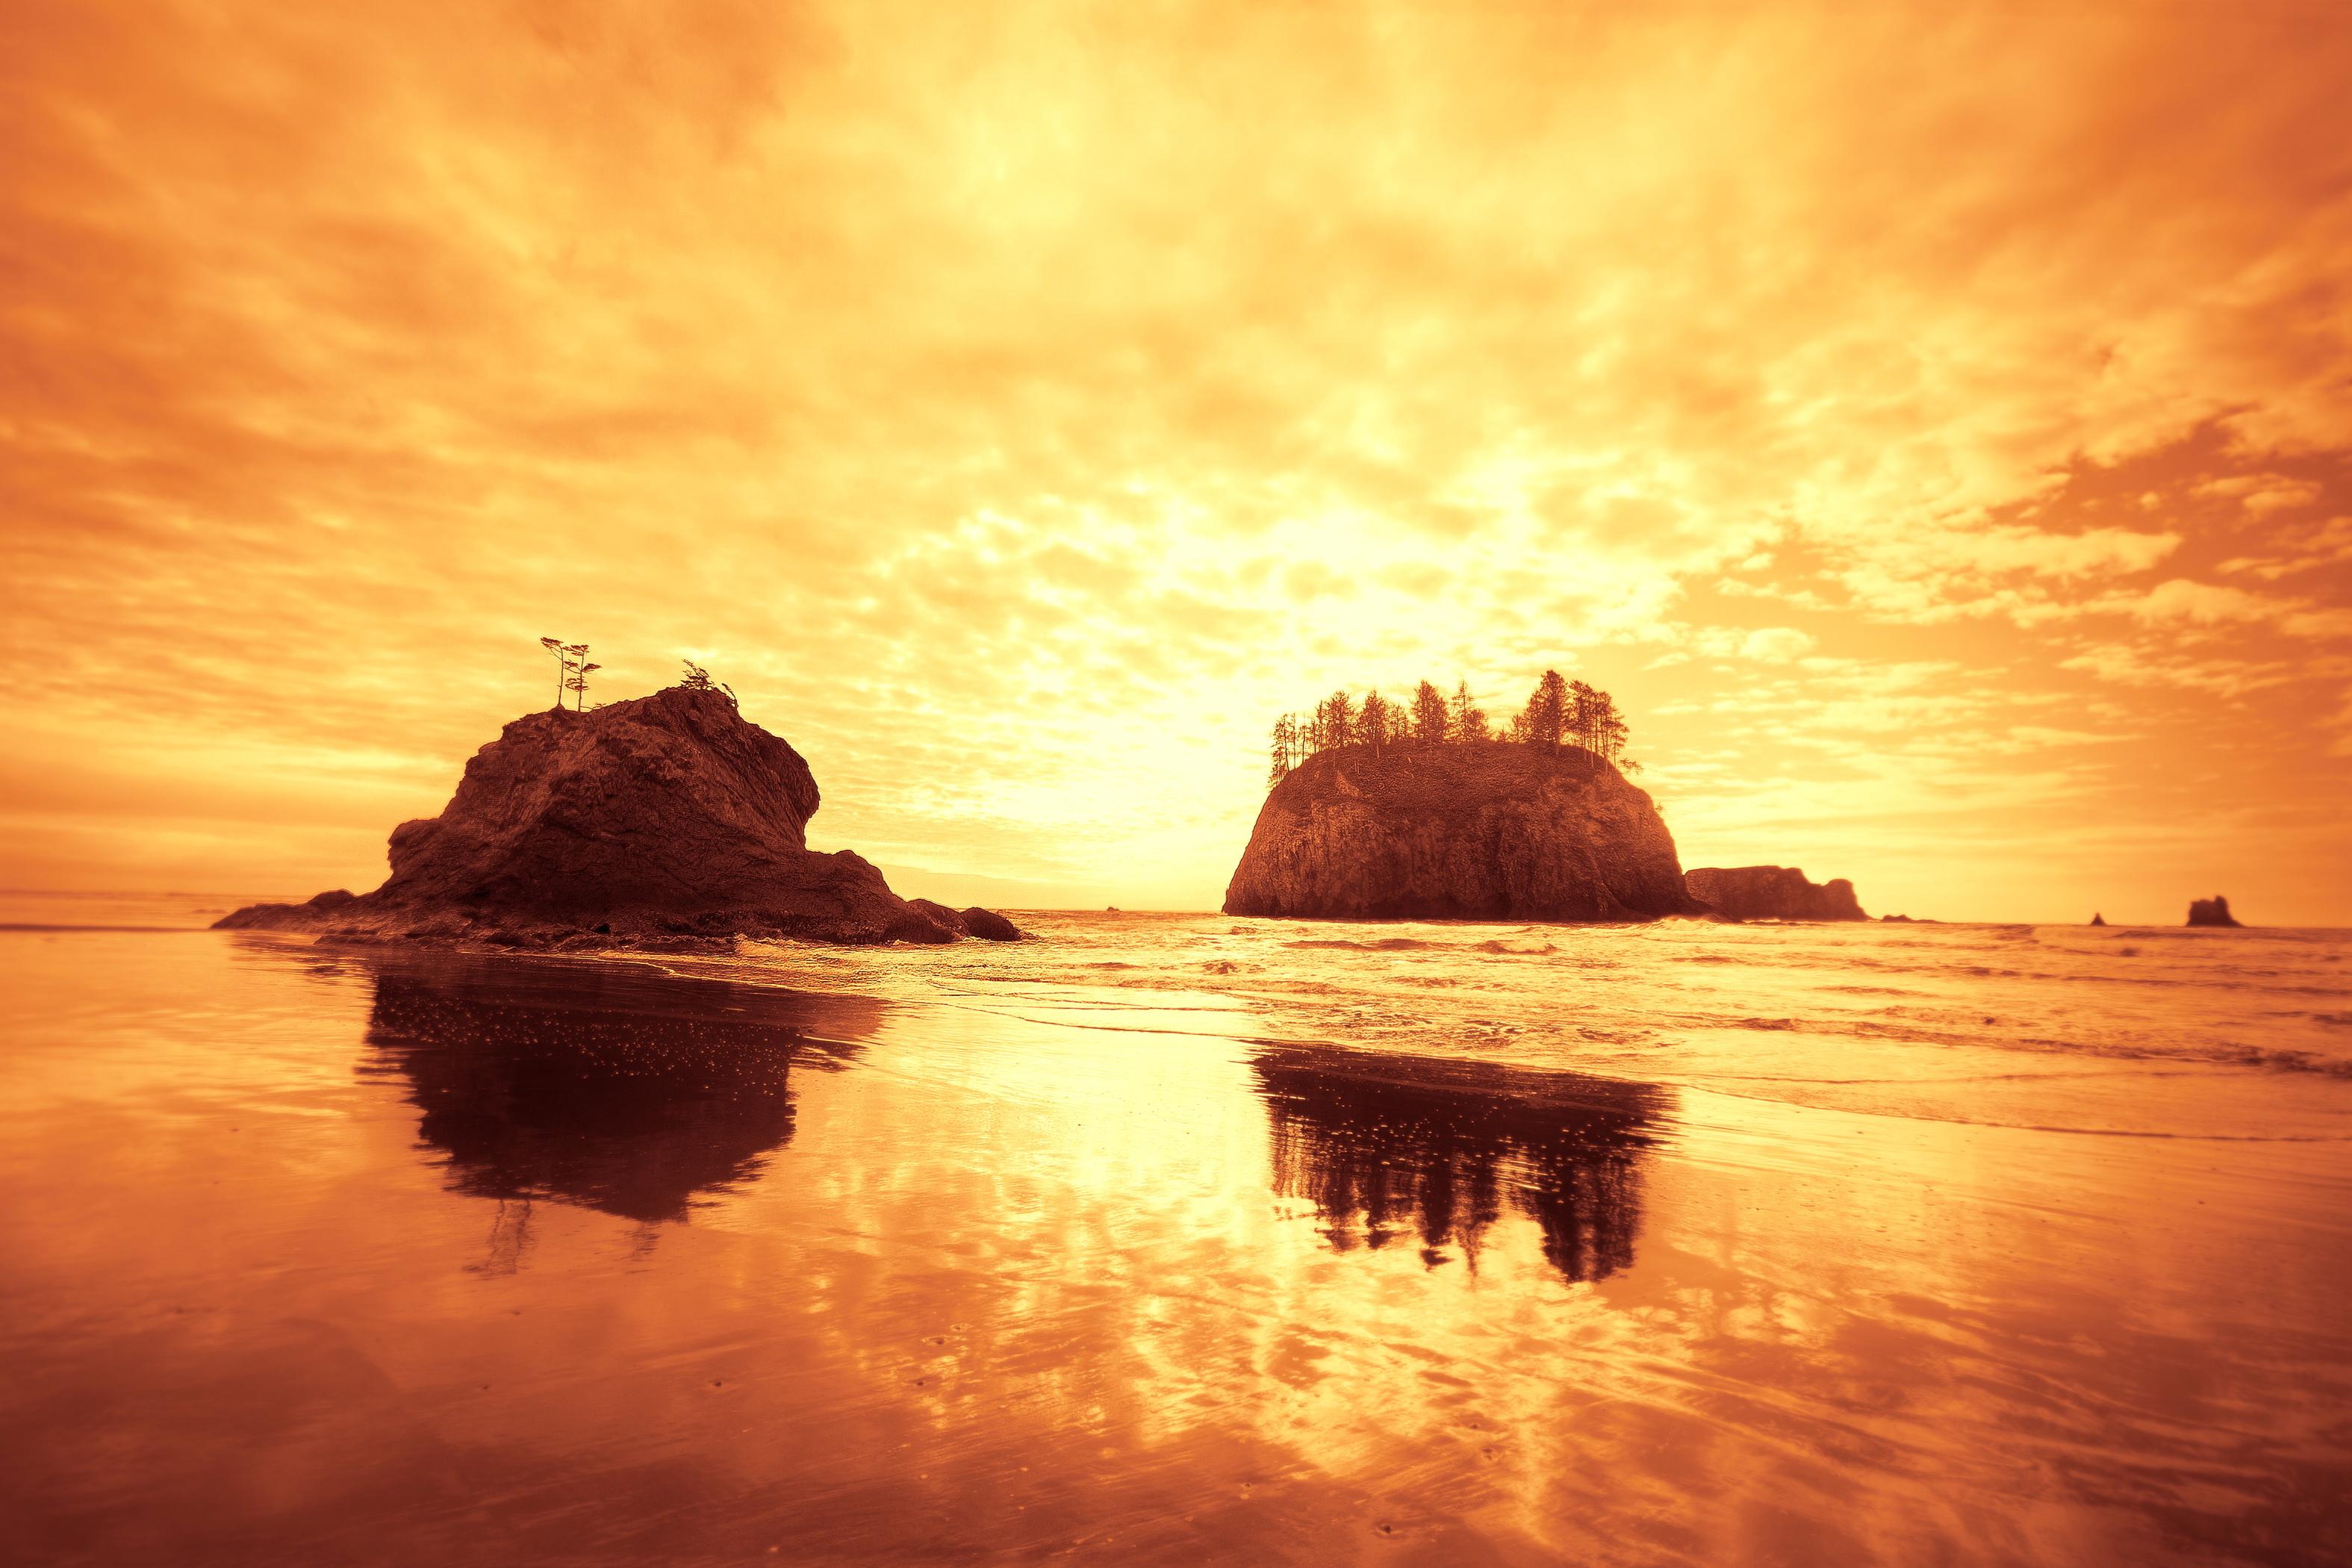 rock wallpaper ocean